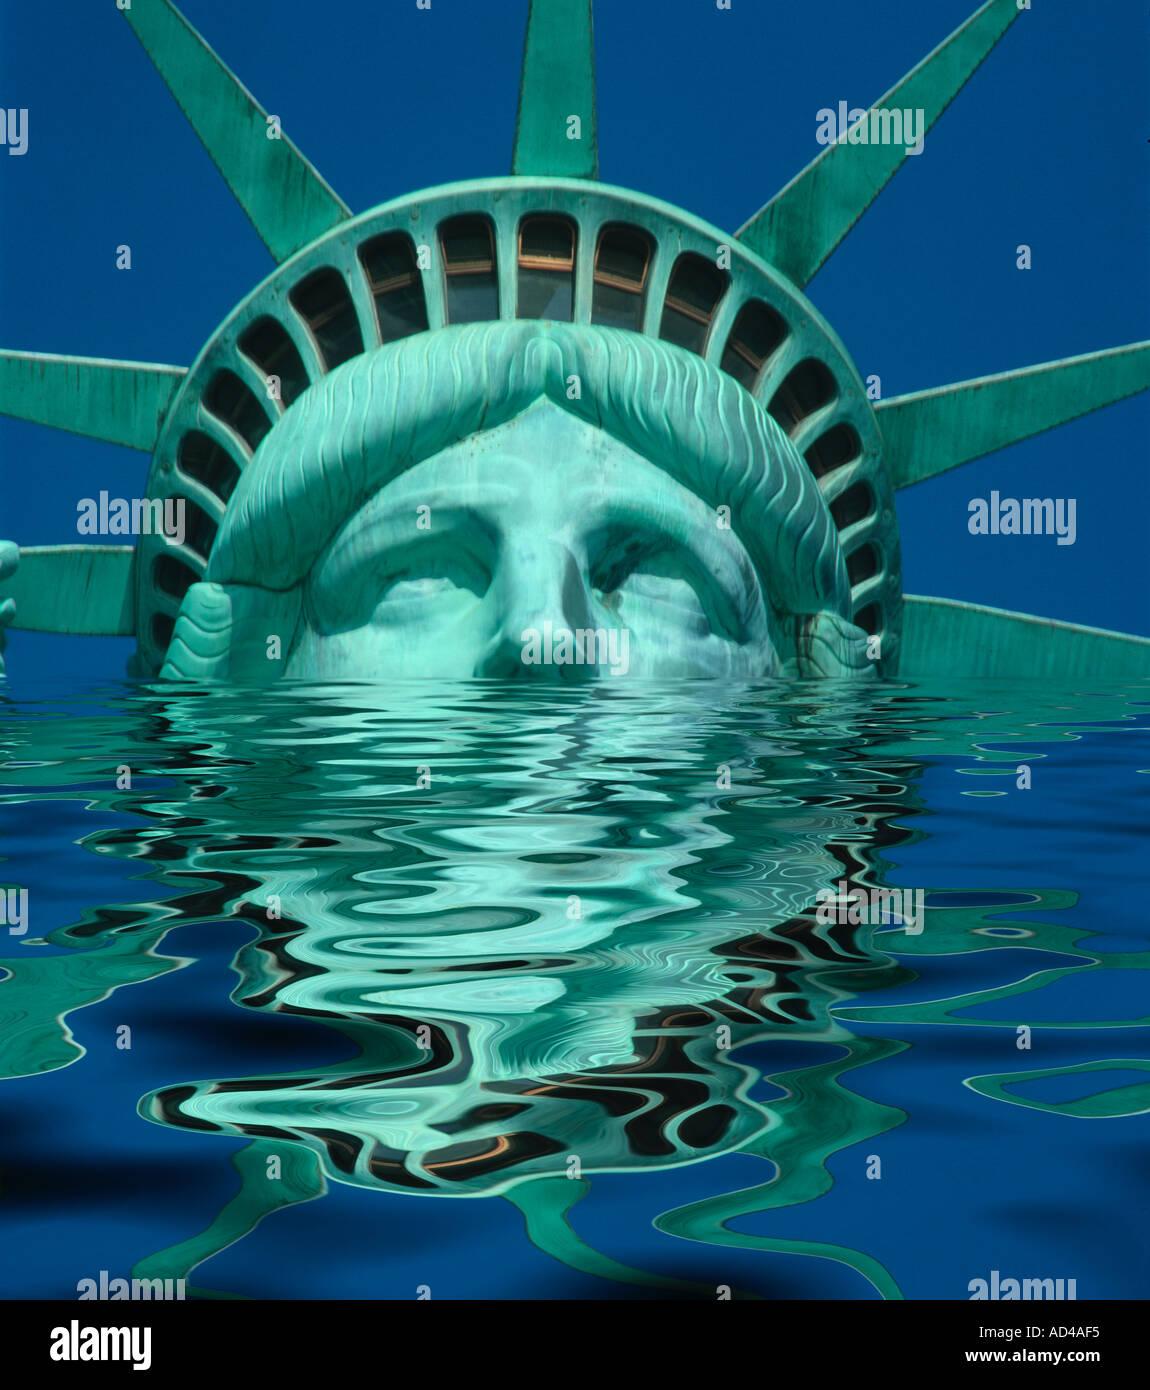 Concept abstrait de droit de la Statue de la liberté USA être inondée Photo Stock